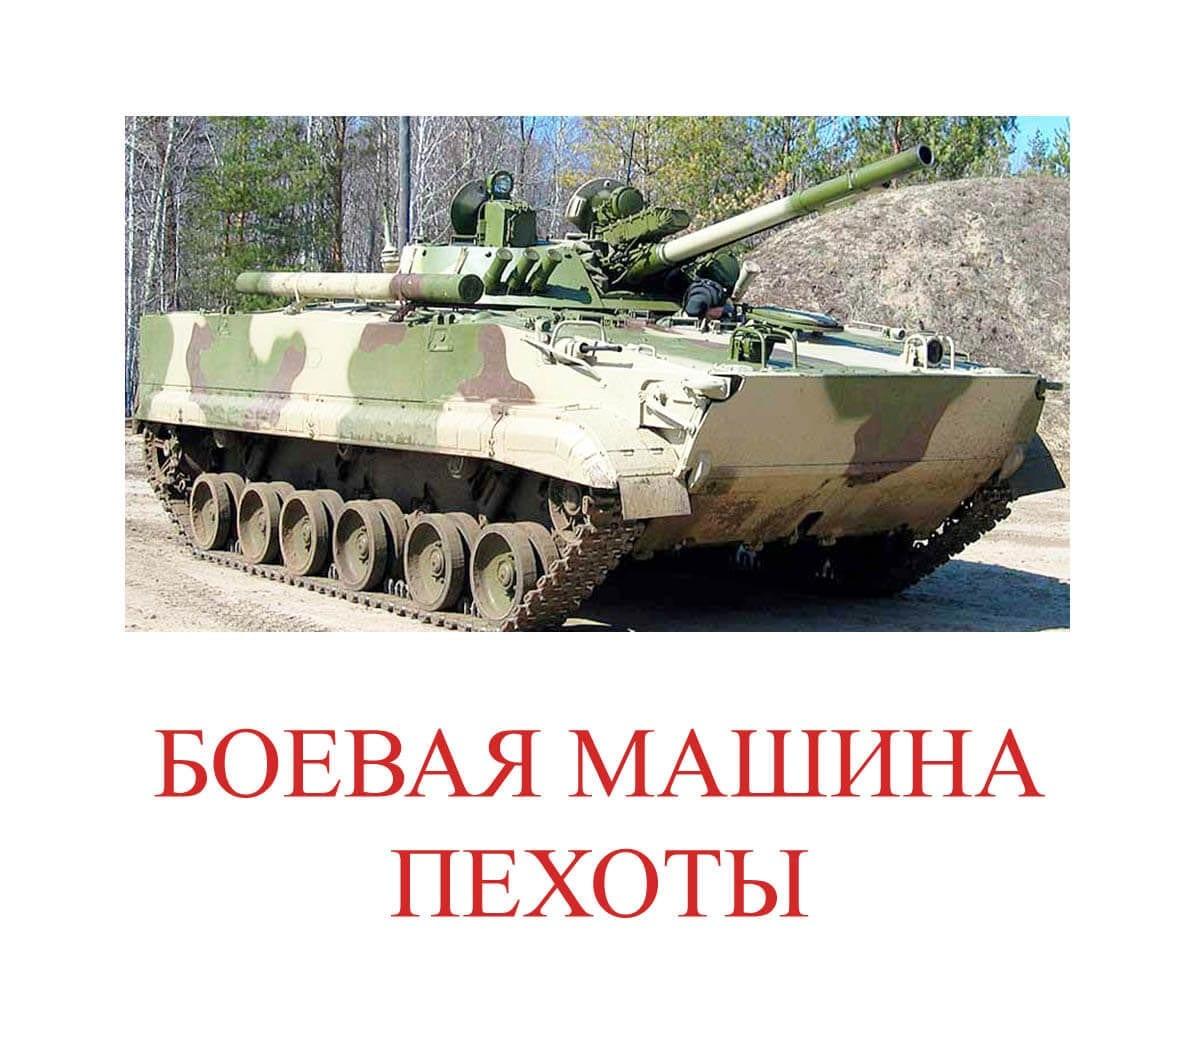 боевая машина пехоты1